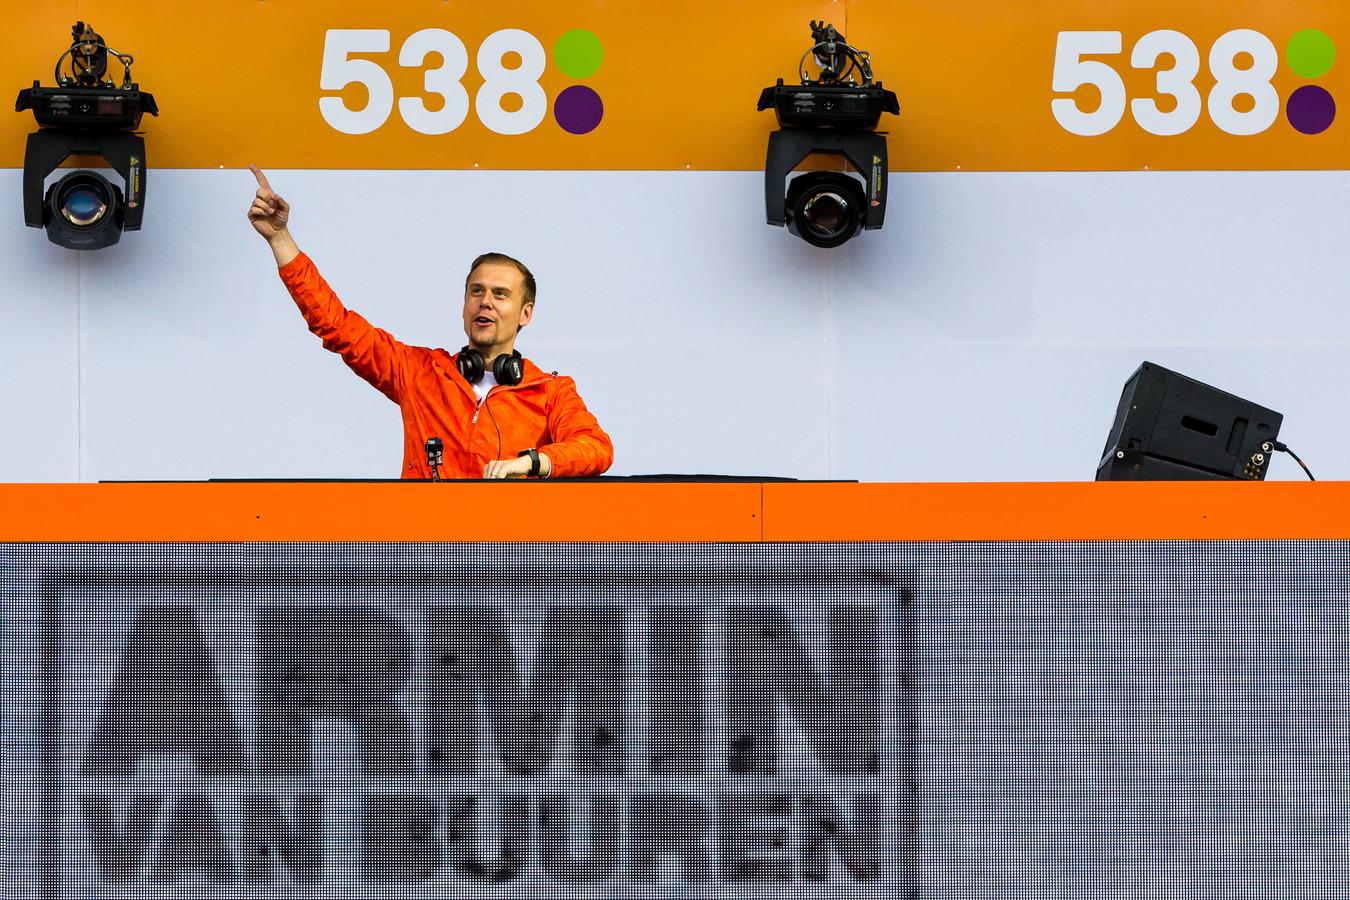 Armin van Buuren op Koningsdag 538 op Chasseveld in Breda.Foto Marcel van Dorst / MaricMedia